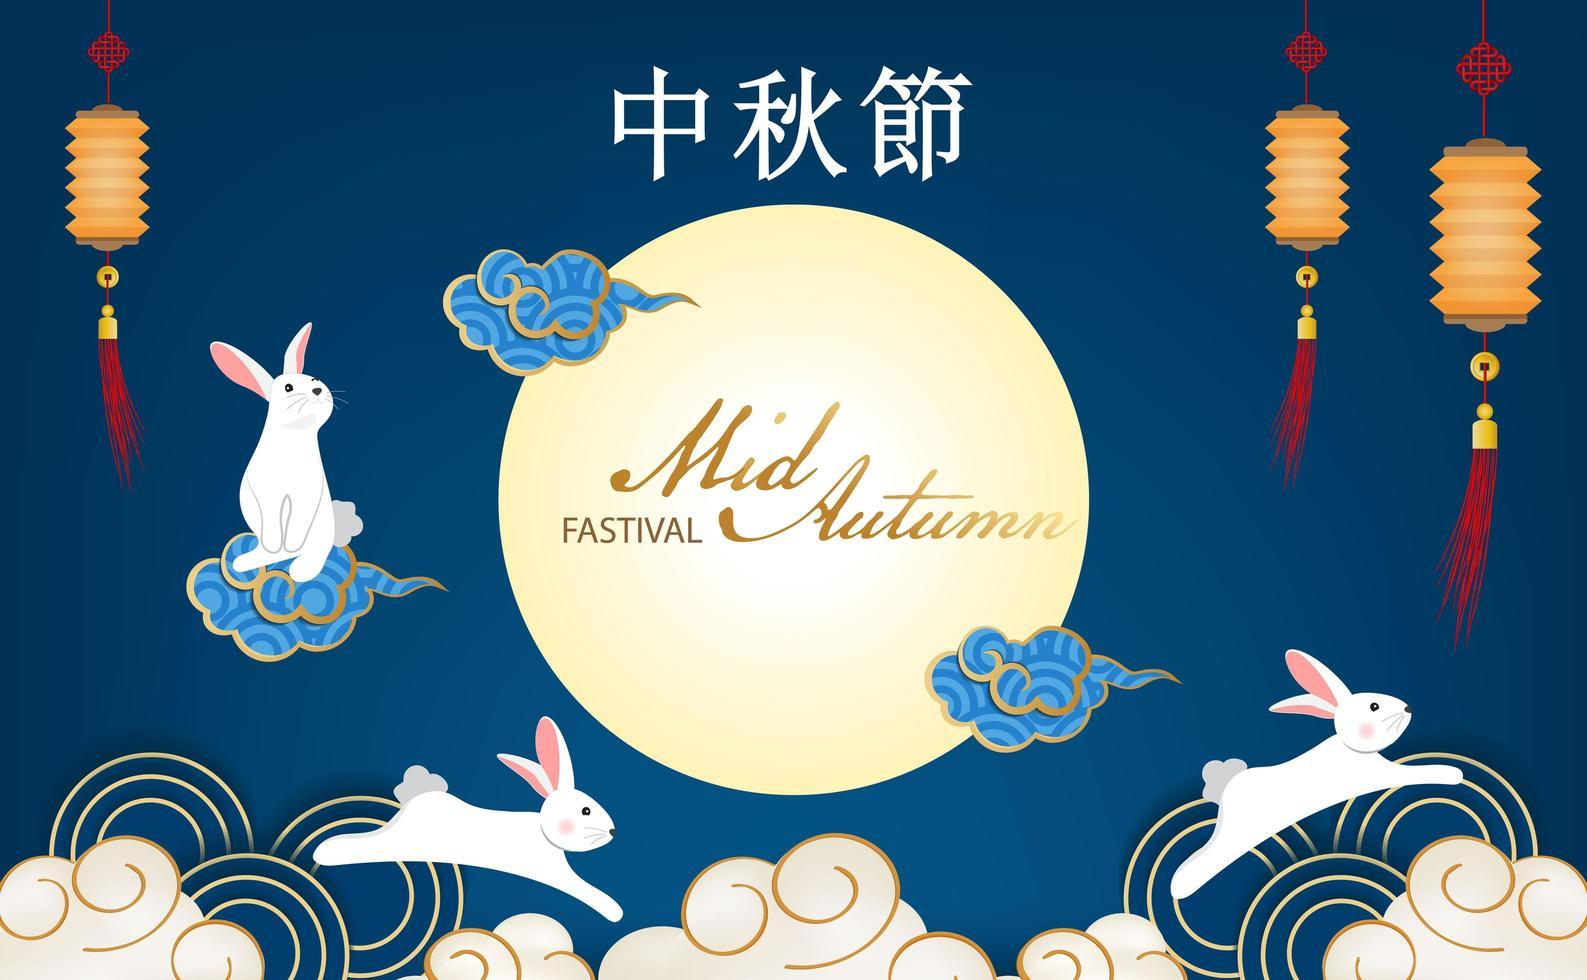 konijnen springen in wolken chinees mid-herfst festival ontwerp vector